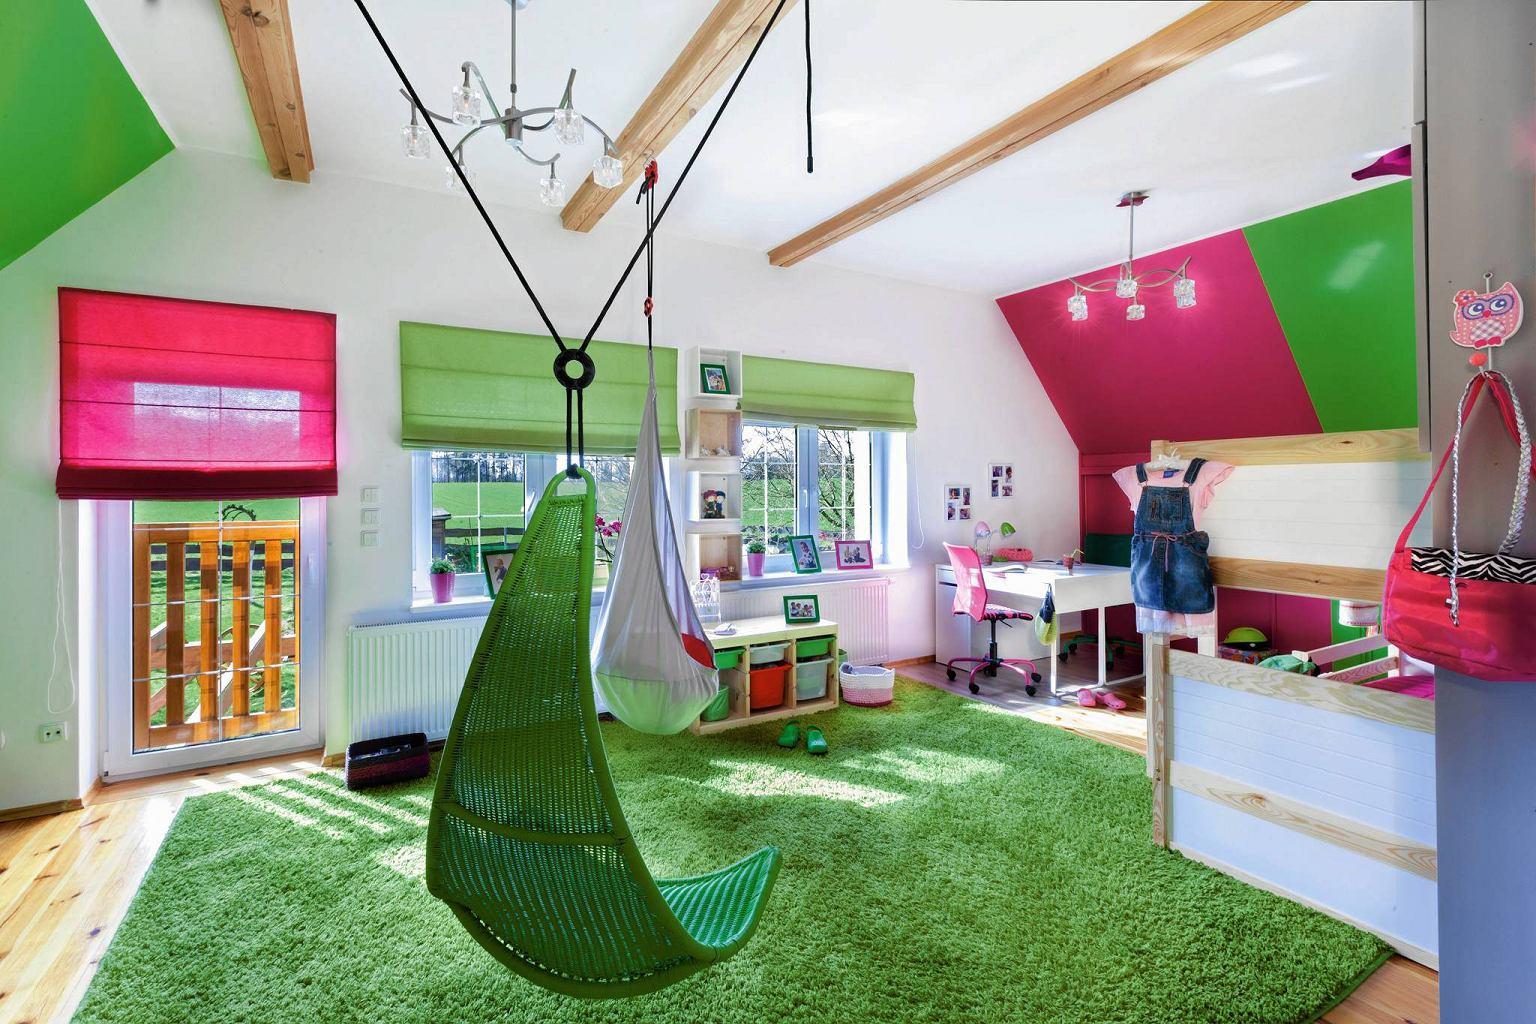 674301df7521fd Pokój dla dzieci, czyli królestwo młodszych członków rodziny. Jest to  miejsce, w którym dziecko może czuć się swobodnie i rozwijać swoją  wyobraźnię i ...